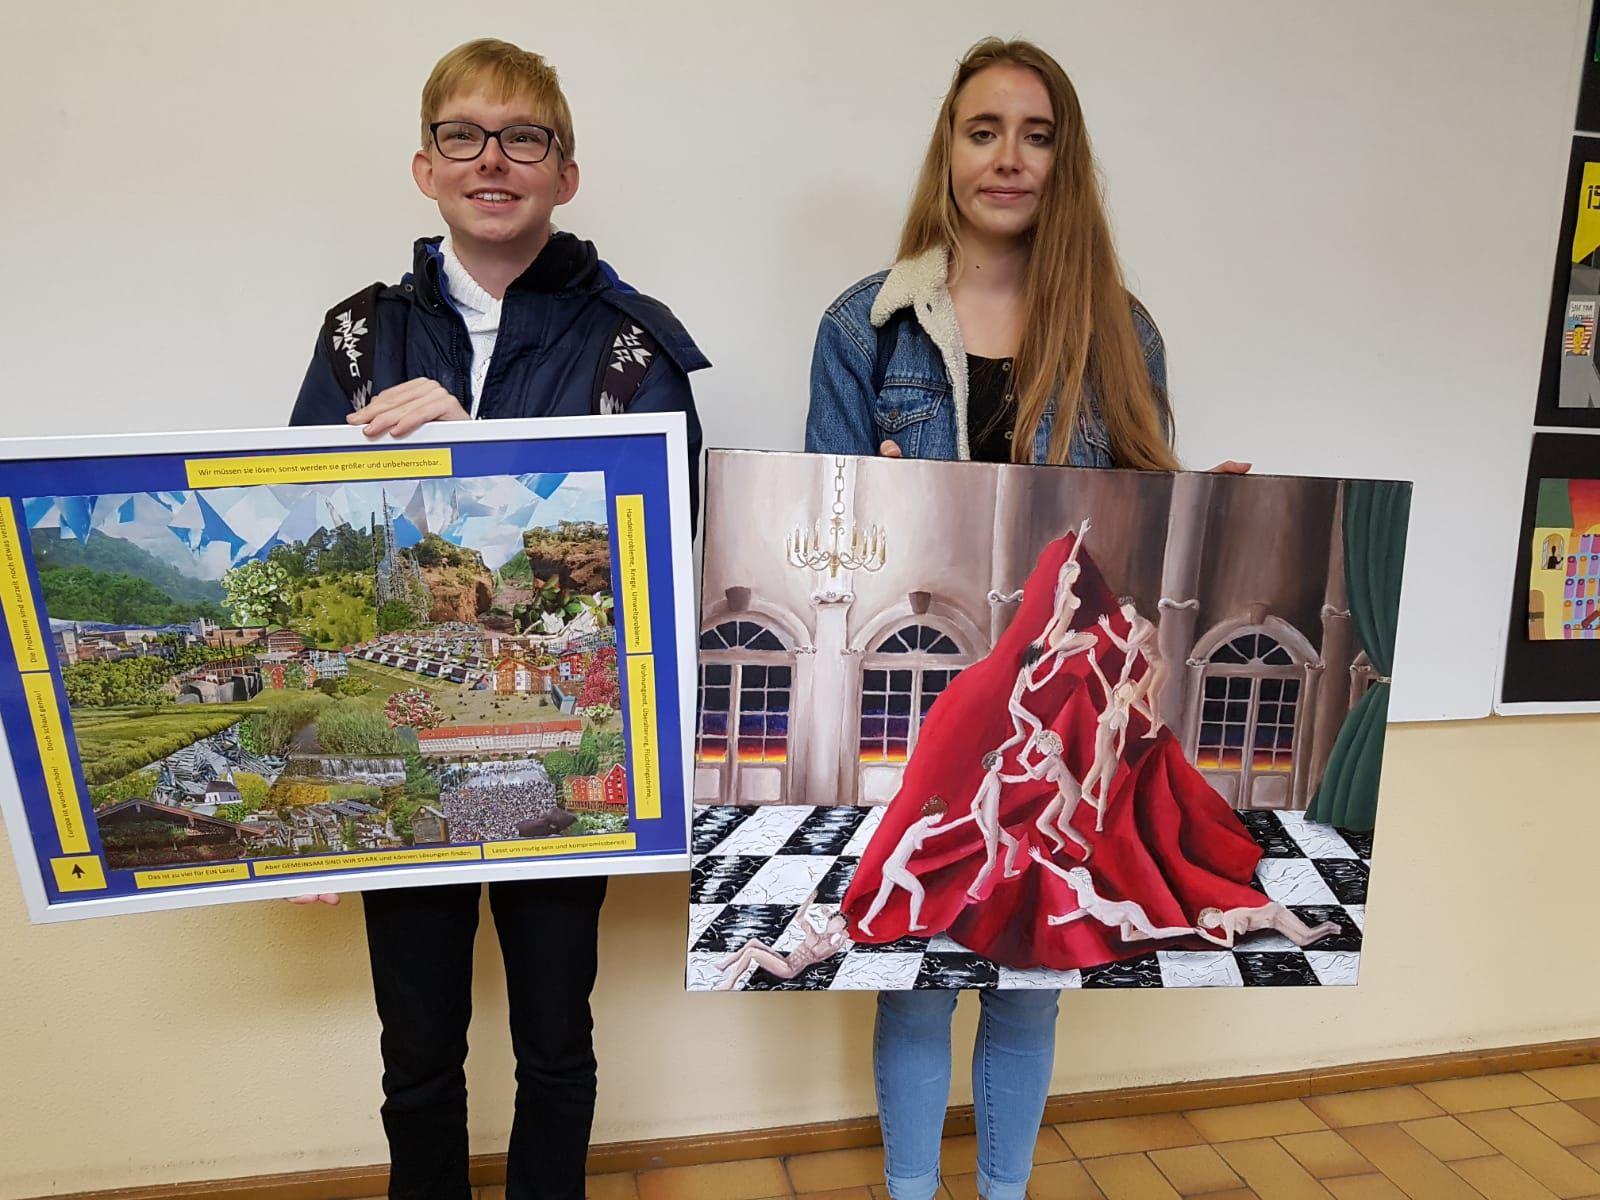 Europawettbewerb Sieger Giulia Losch Kai Schürrmann